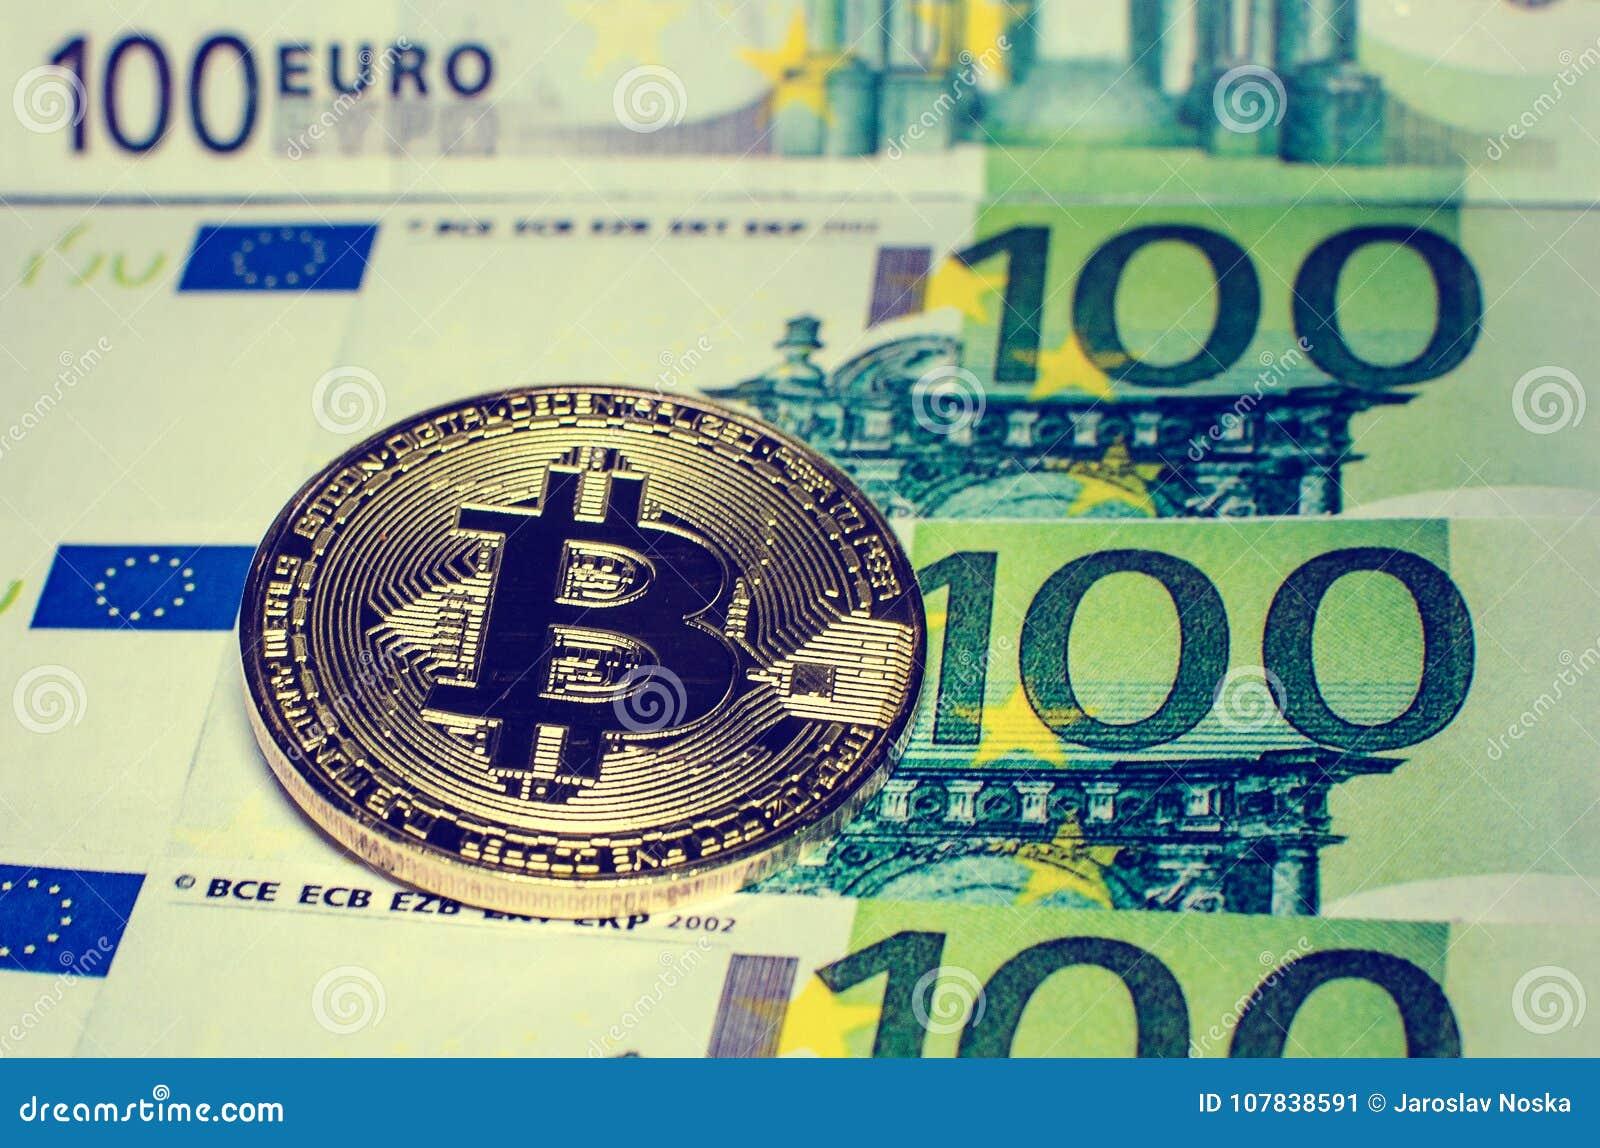 bitcoin vs euro